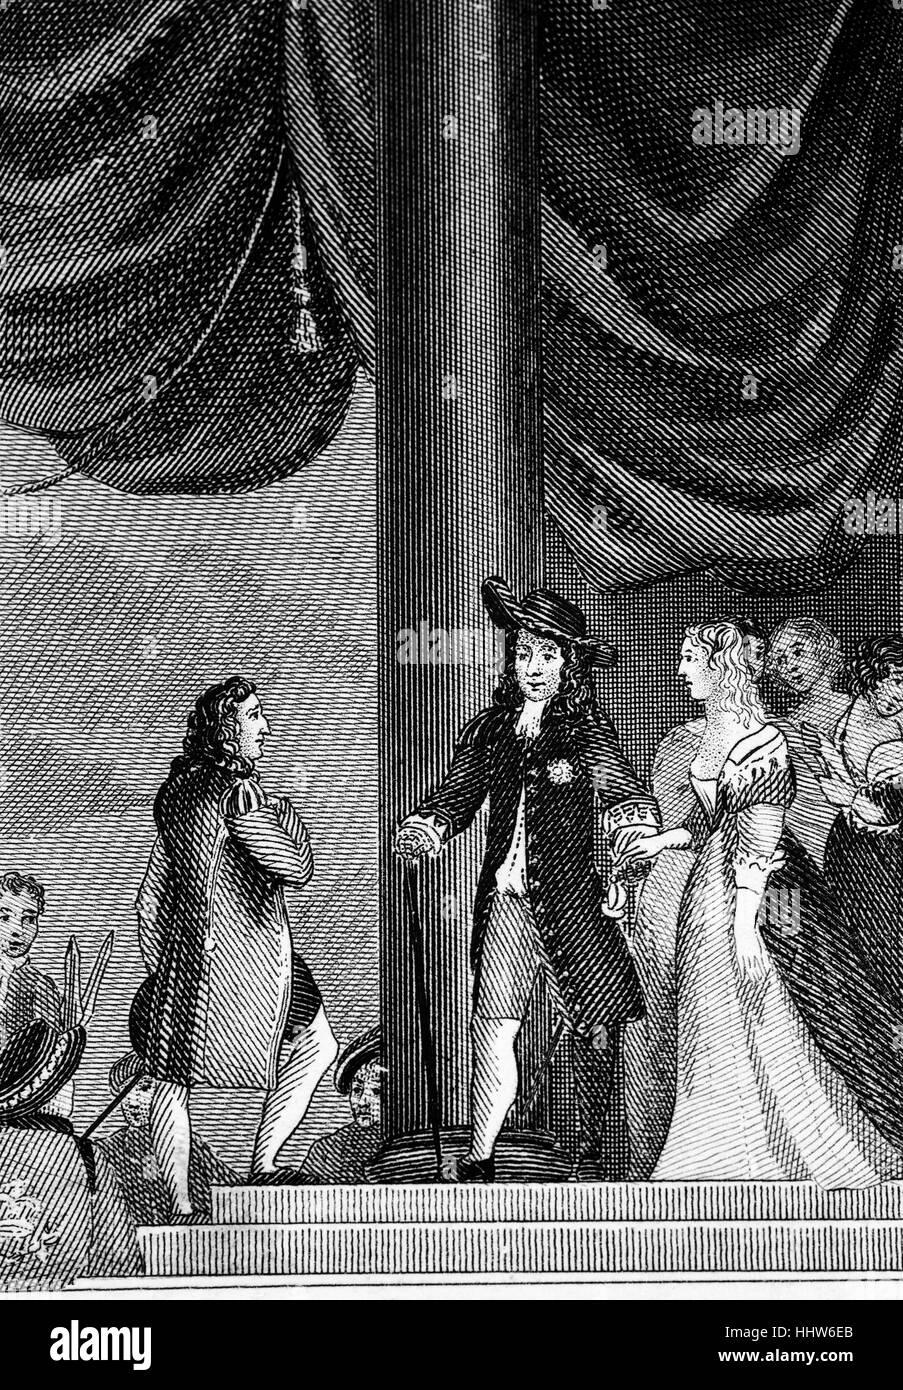 La introducción de Lady Mary (1631 - 1660), la hija mayor del rey Carlos I de príncipe Guillermo II. El matrimonio tuvo lugar el 2 de mayo de 1641 en la Capilla Real de Londres, pero fue supuestamente no consumado durante varios años porque la novia era de sólo nueve años de edad. Foto de stock